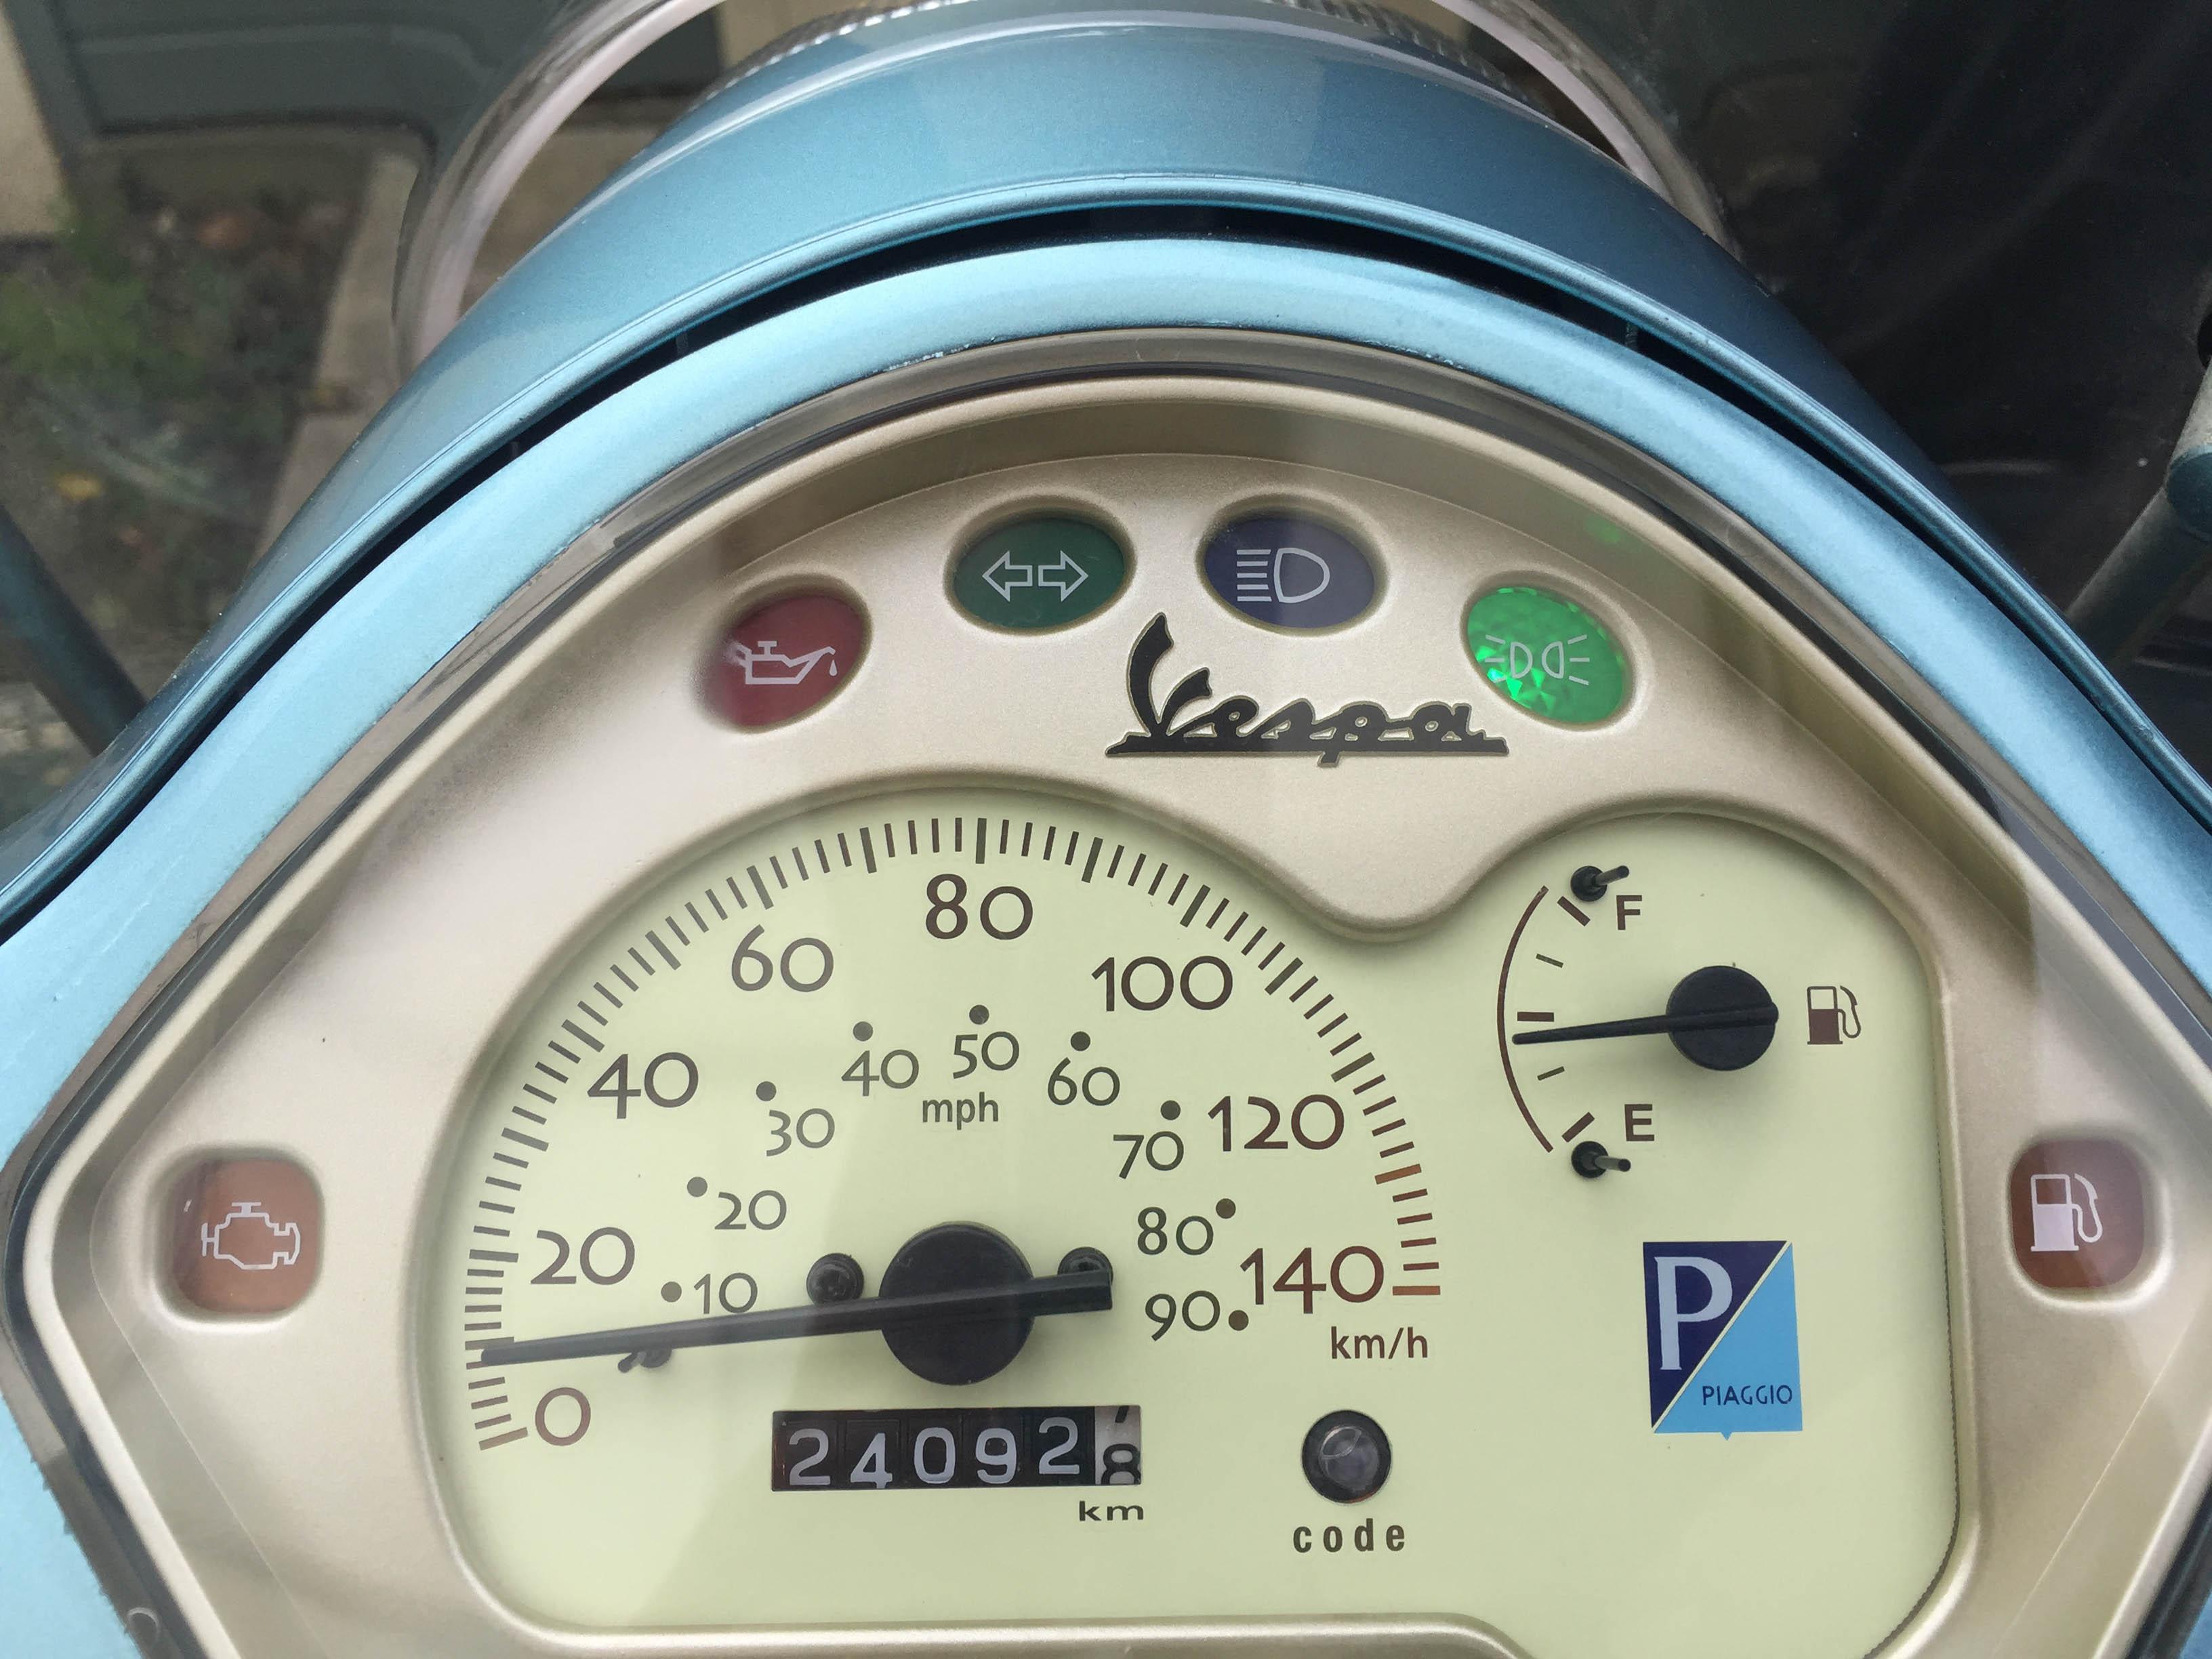 Vespa LX125ie 2010 Celeste dash